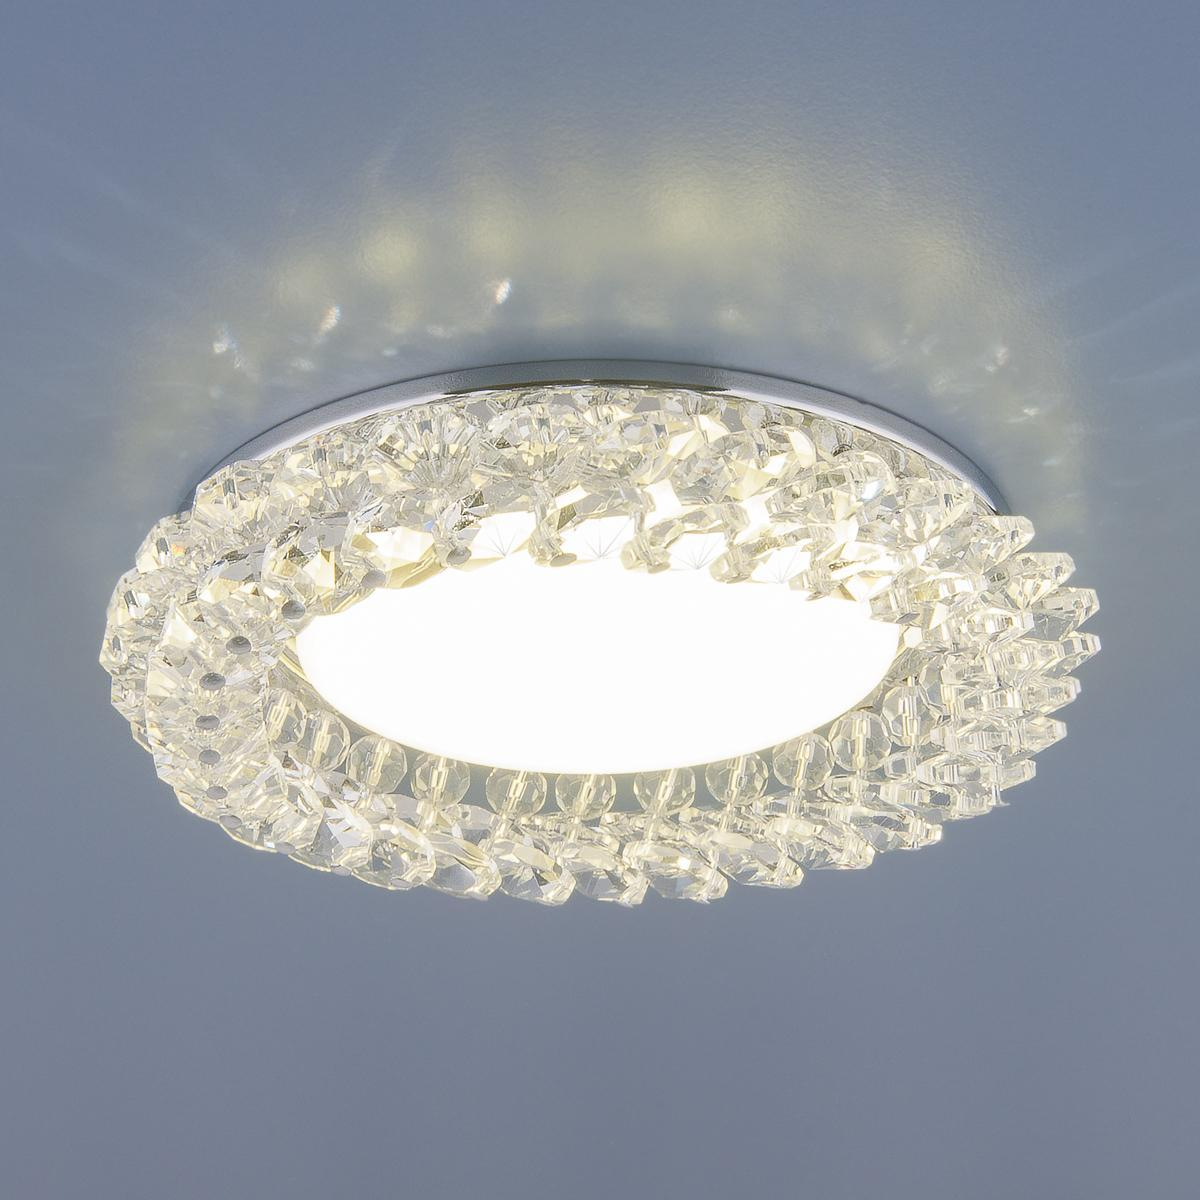 Встраиваемый светильник Elektrostandard 1063 GX53 CH/CL хром/прозрачный 4690389075667 встраиваемый светильник elektrostandard 1063 gx53 ch cl хром прозрачный 4690389075667